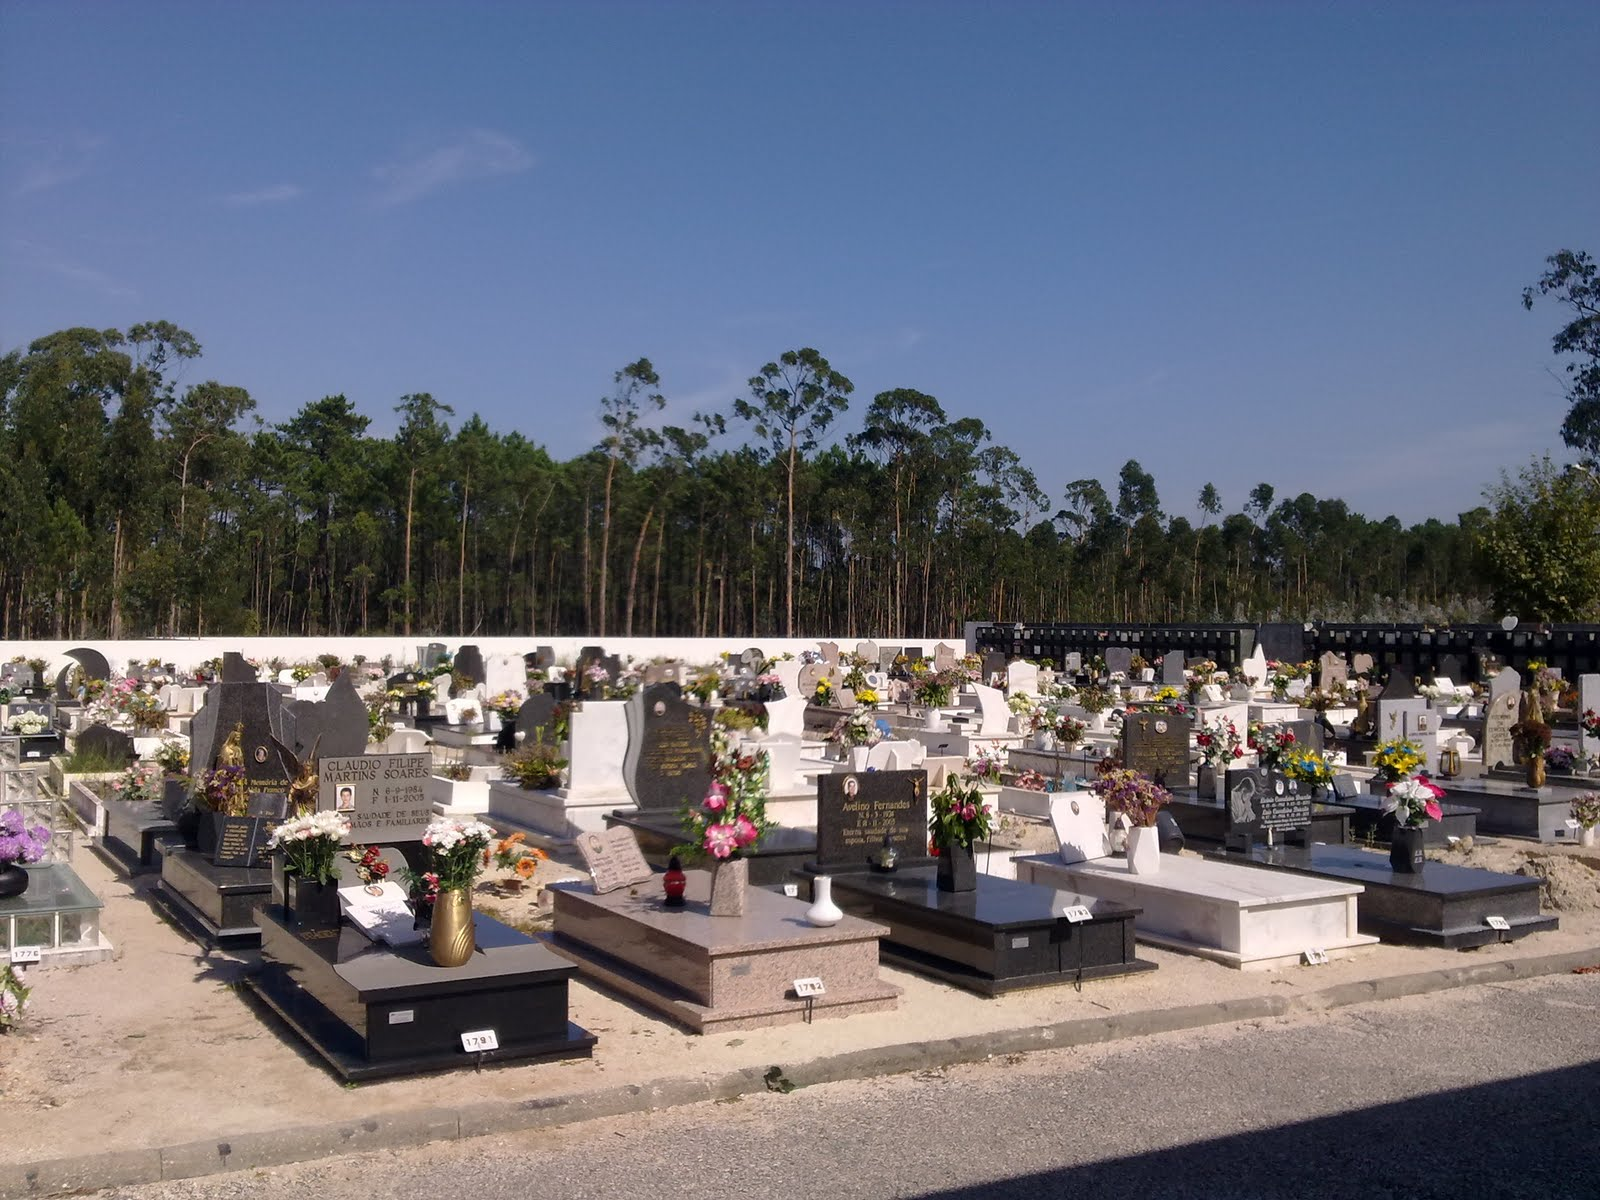 Portugal vakantieland de mooie kerkhoven van portugal vakantieland - Hoe het sieren ...